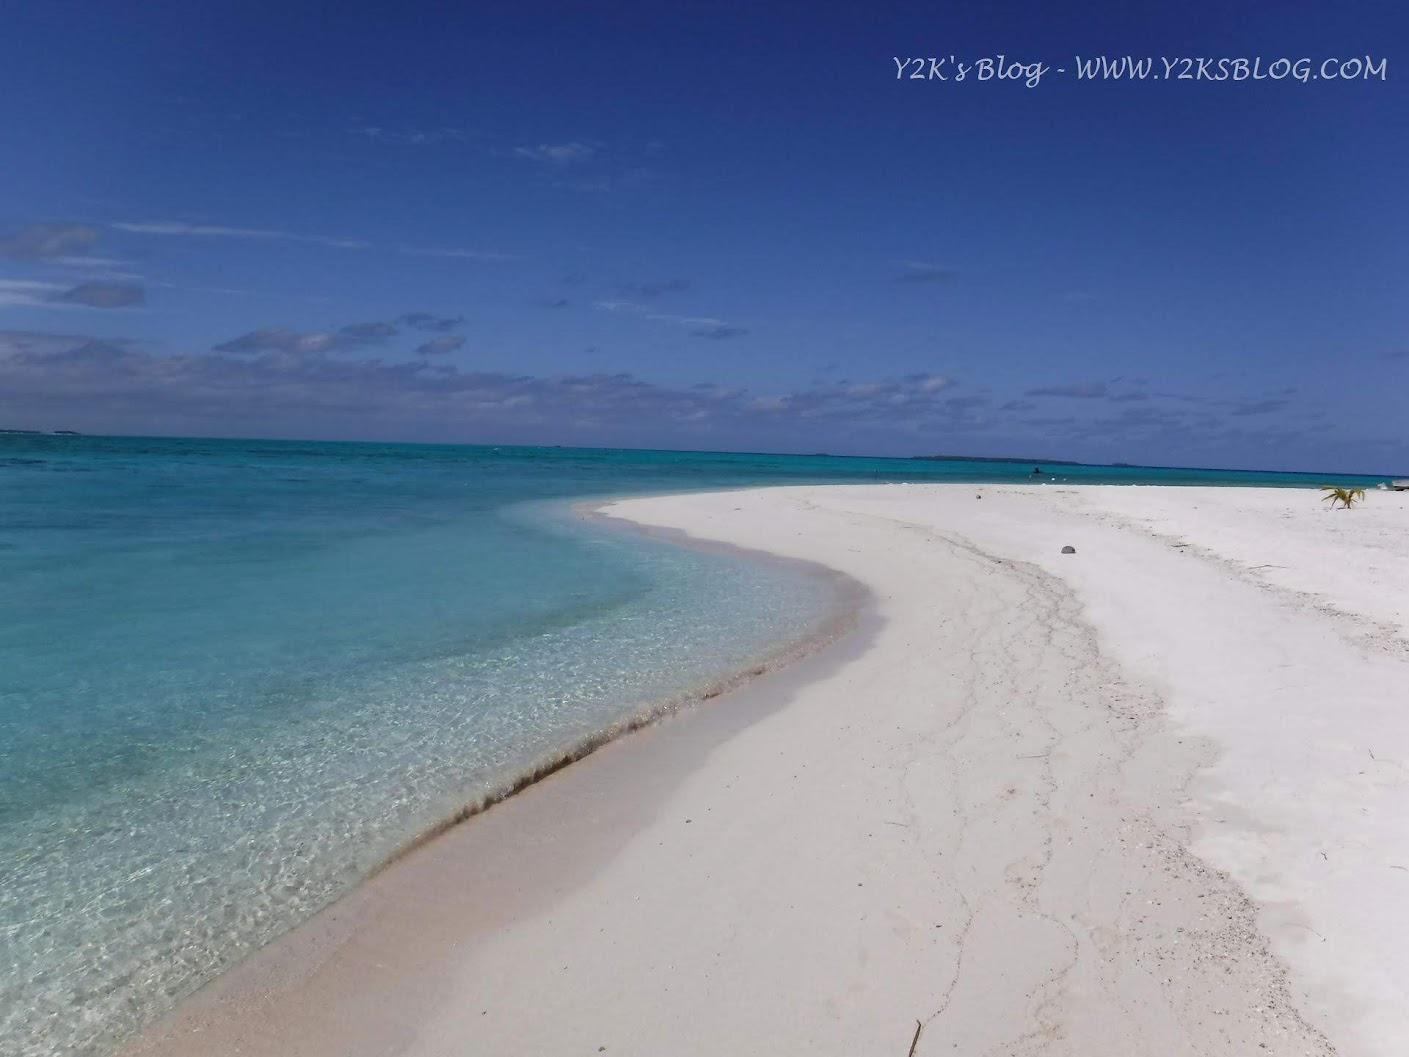 Le spiagge e la laguna di Palmerston